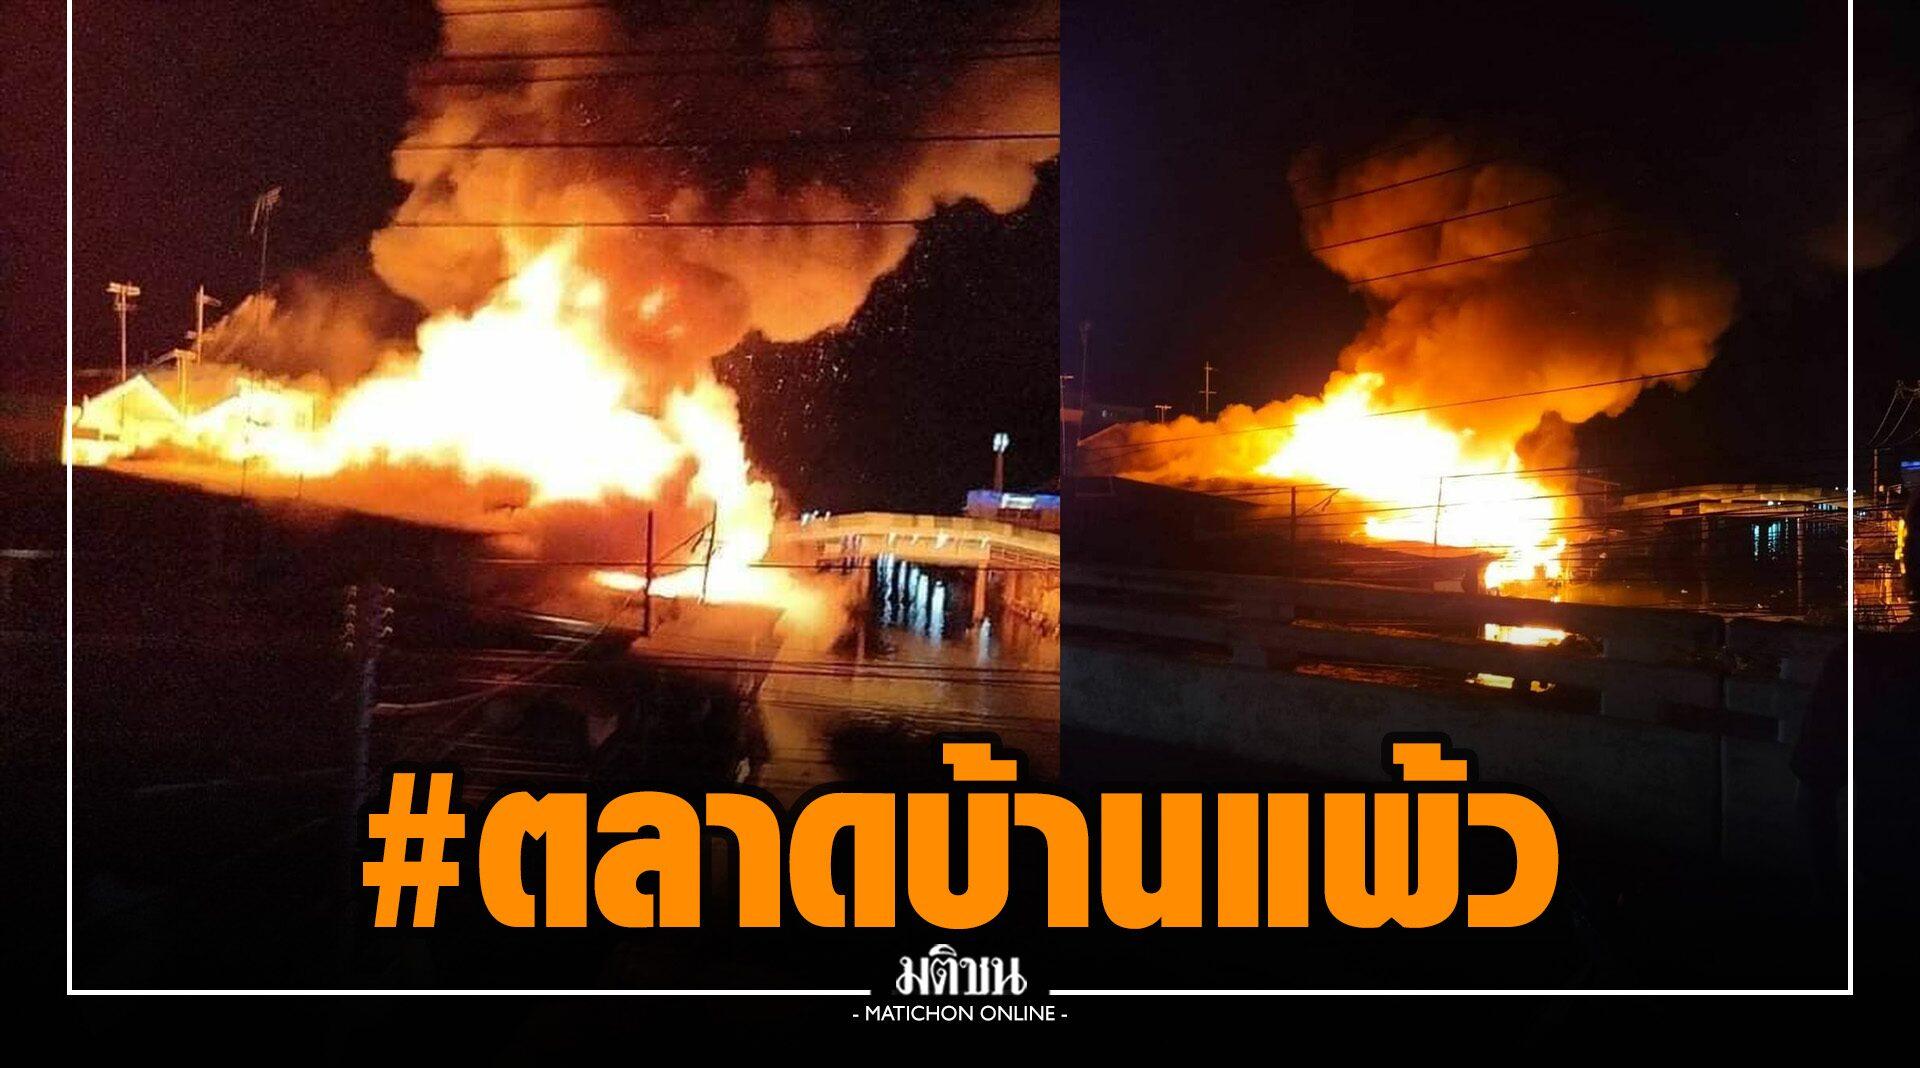 #ตลาดบ้านแพ้ว ขึ้นเทรนทวิตเตอร์อันดับ 1 หลังเพลิงไหม้ร่วมชั่วโมง รถดับเพลิงเข้าพื้นที่ไม่ได้